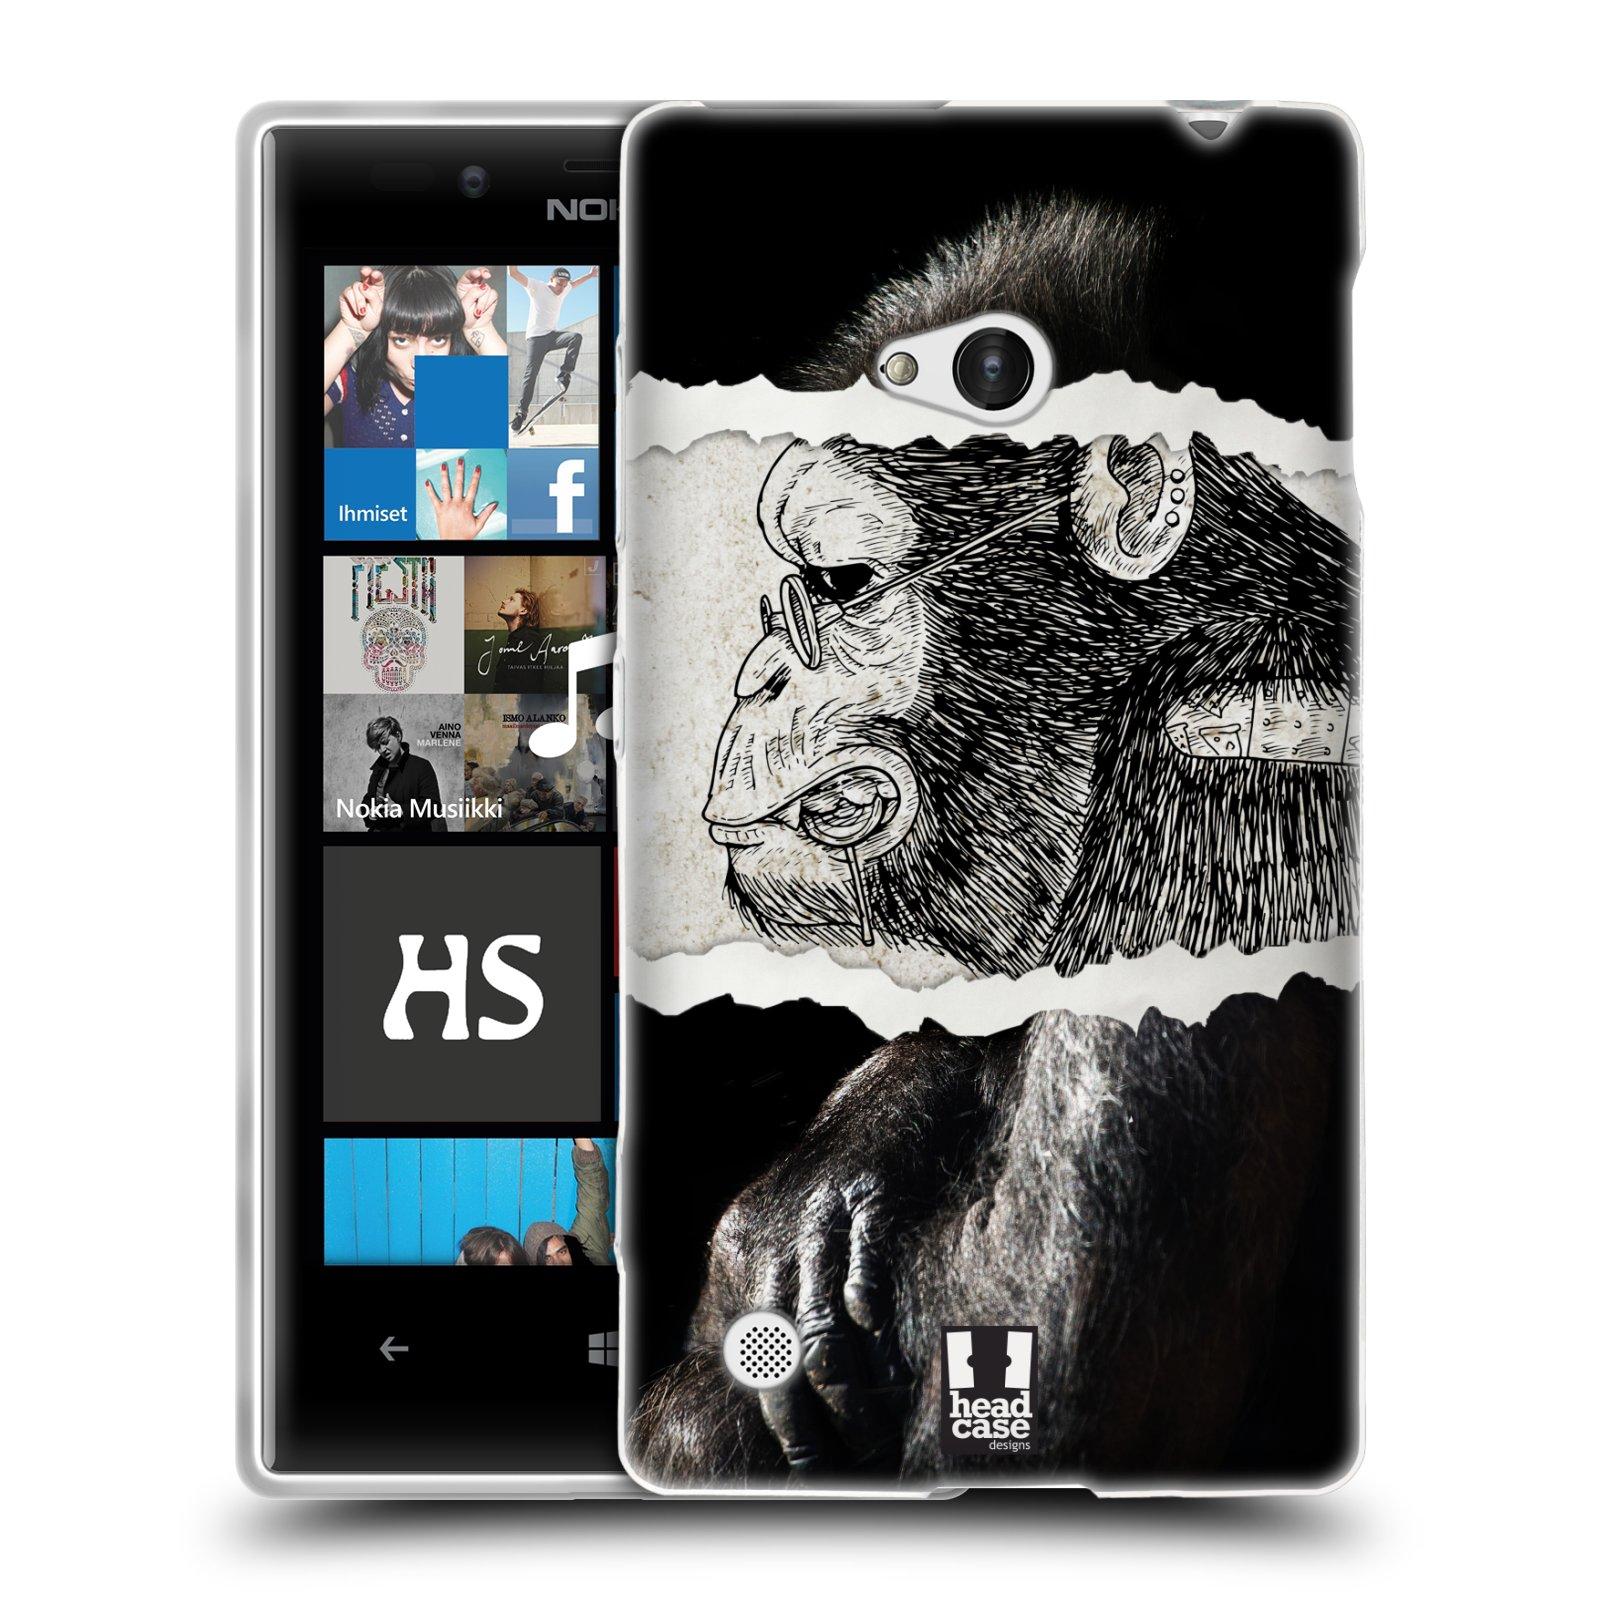 HEAD CASE silikonový obal na mobil NOKIA Lumia 720 vzor zvířata koláž opice